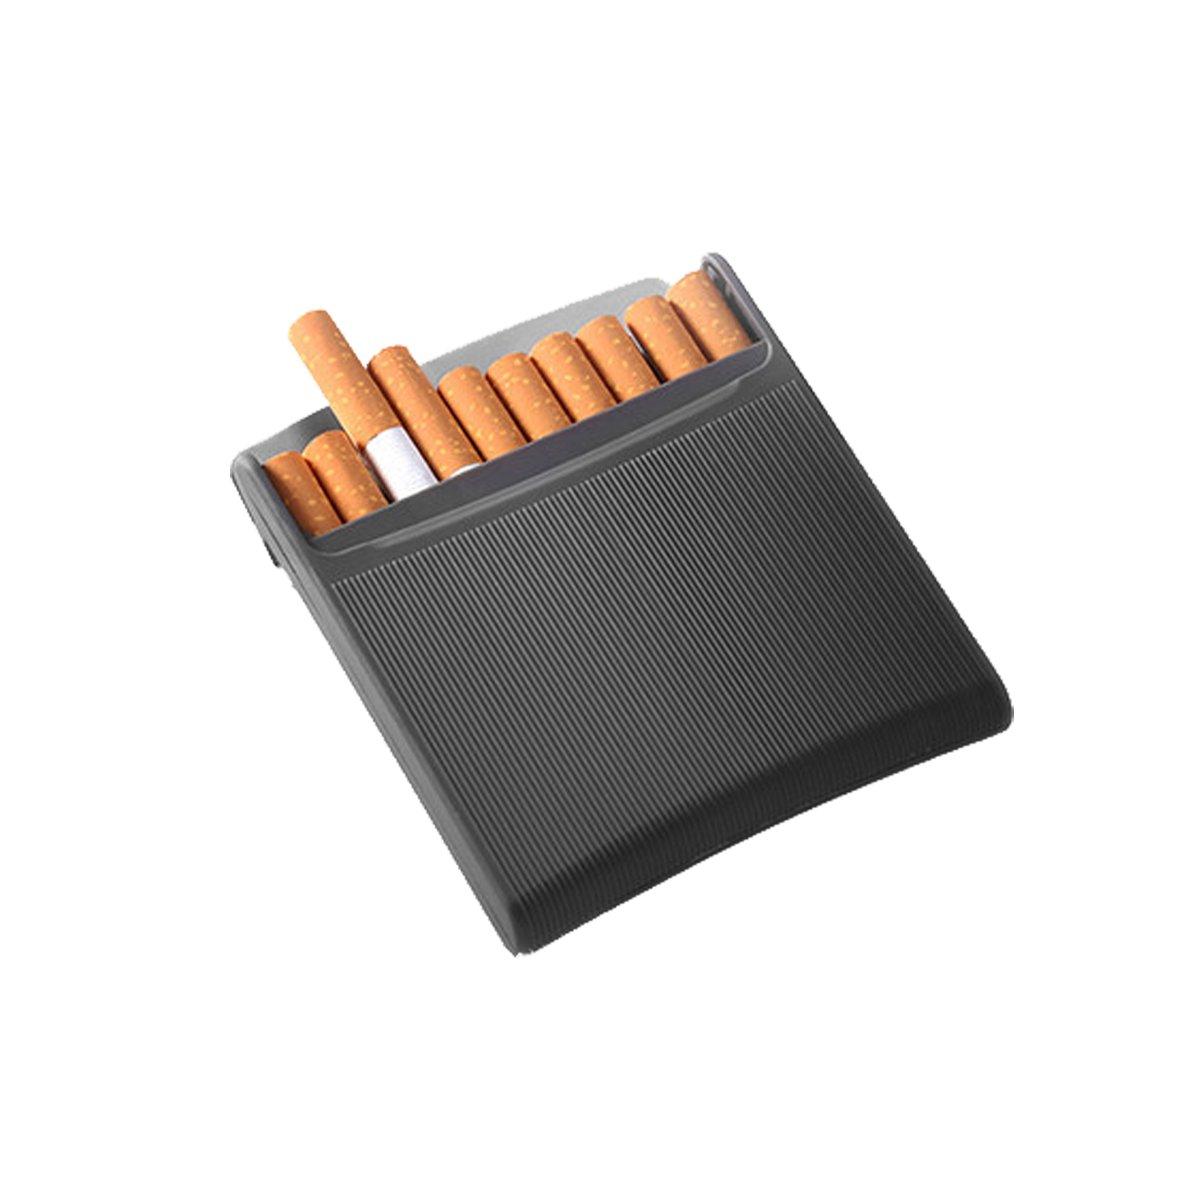 Kết quả hình ảnh cho Gary & ghost Charm cigarette case 10pc